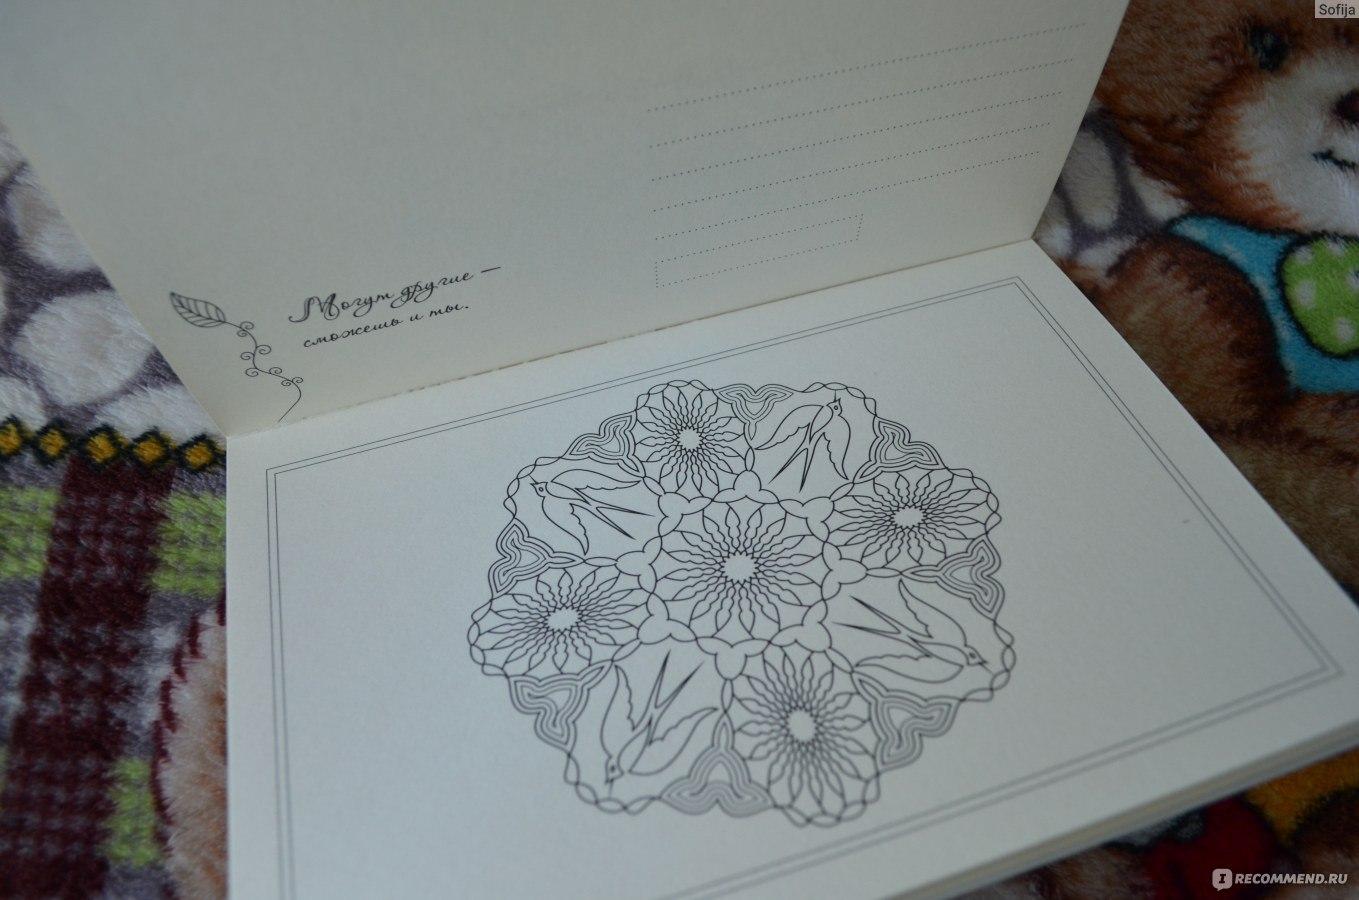 Моряка картинки, книга волшебные мандалы открытки на счастье и удачу габо лилия